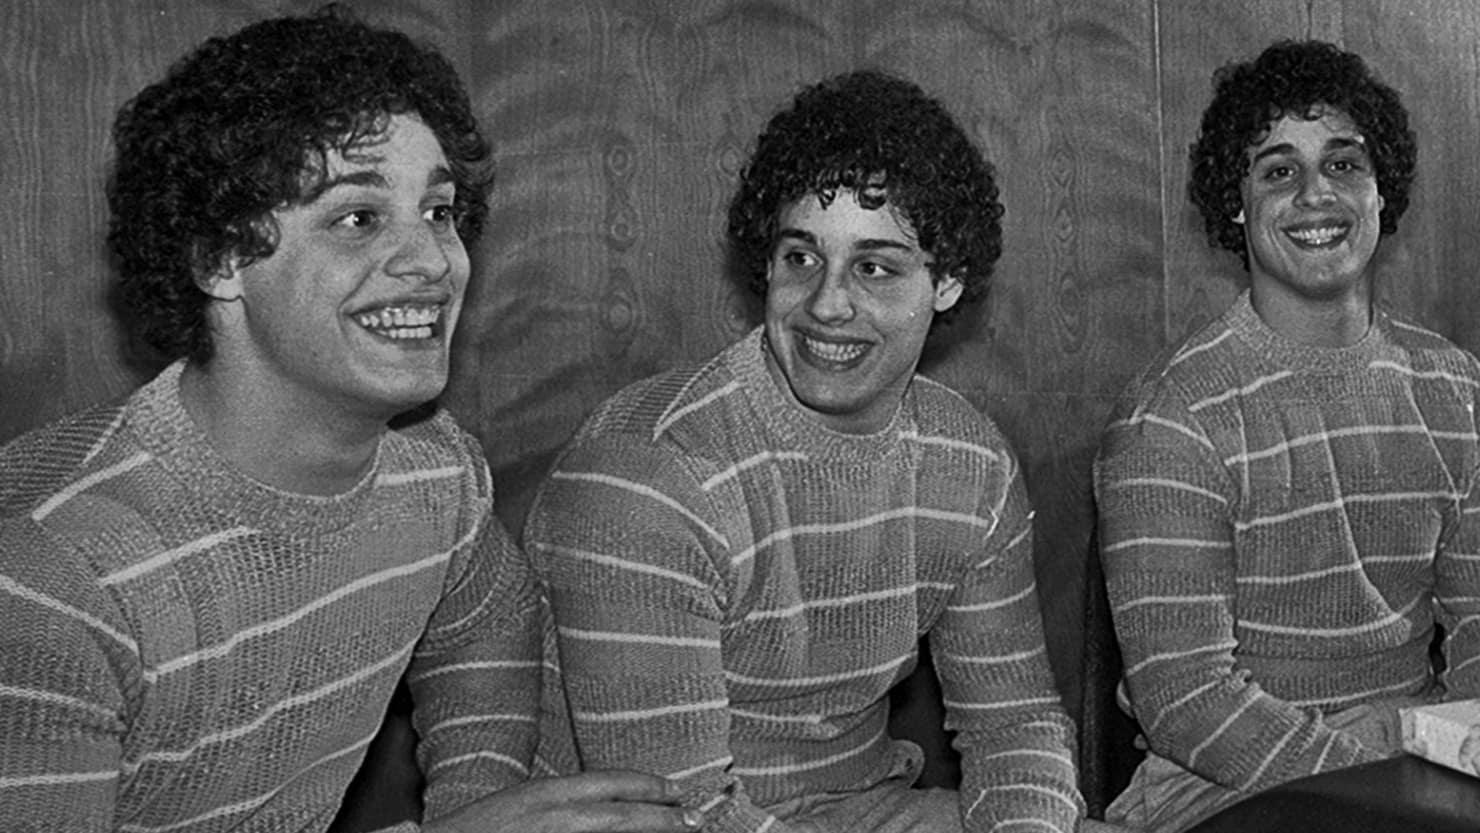 慘無人道!失散多年三胞胎因大學室友意外重聚,竟是實驗計畫的白老鼠...